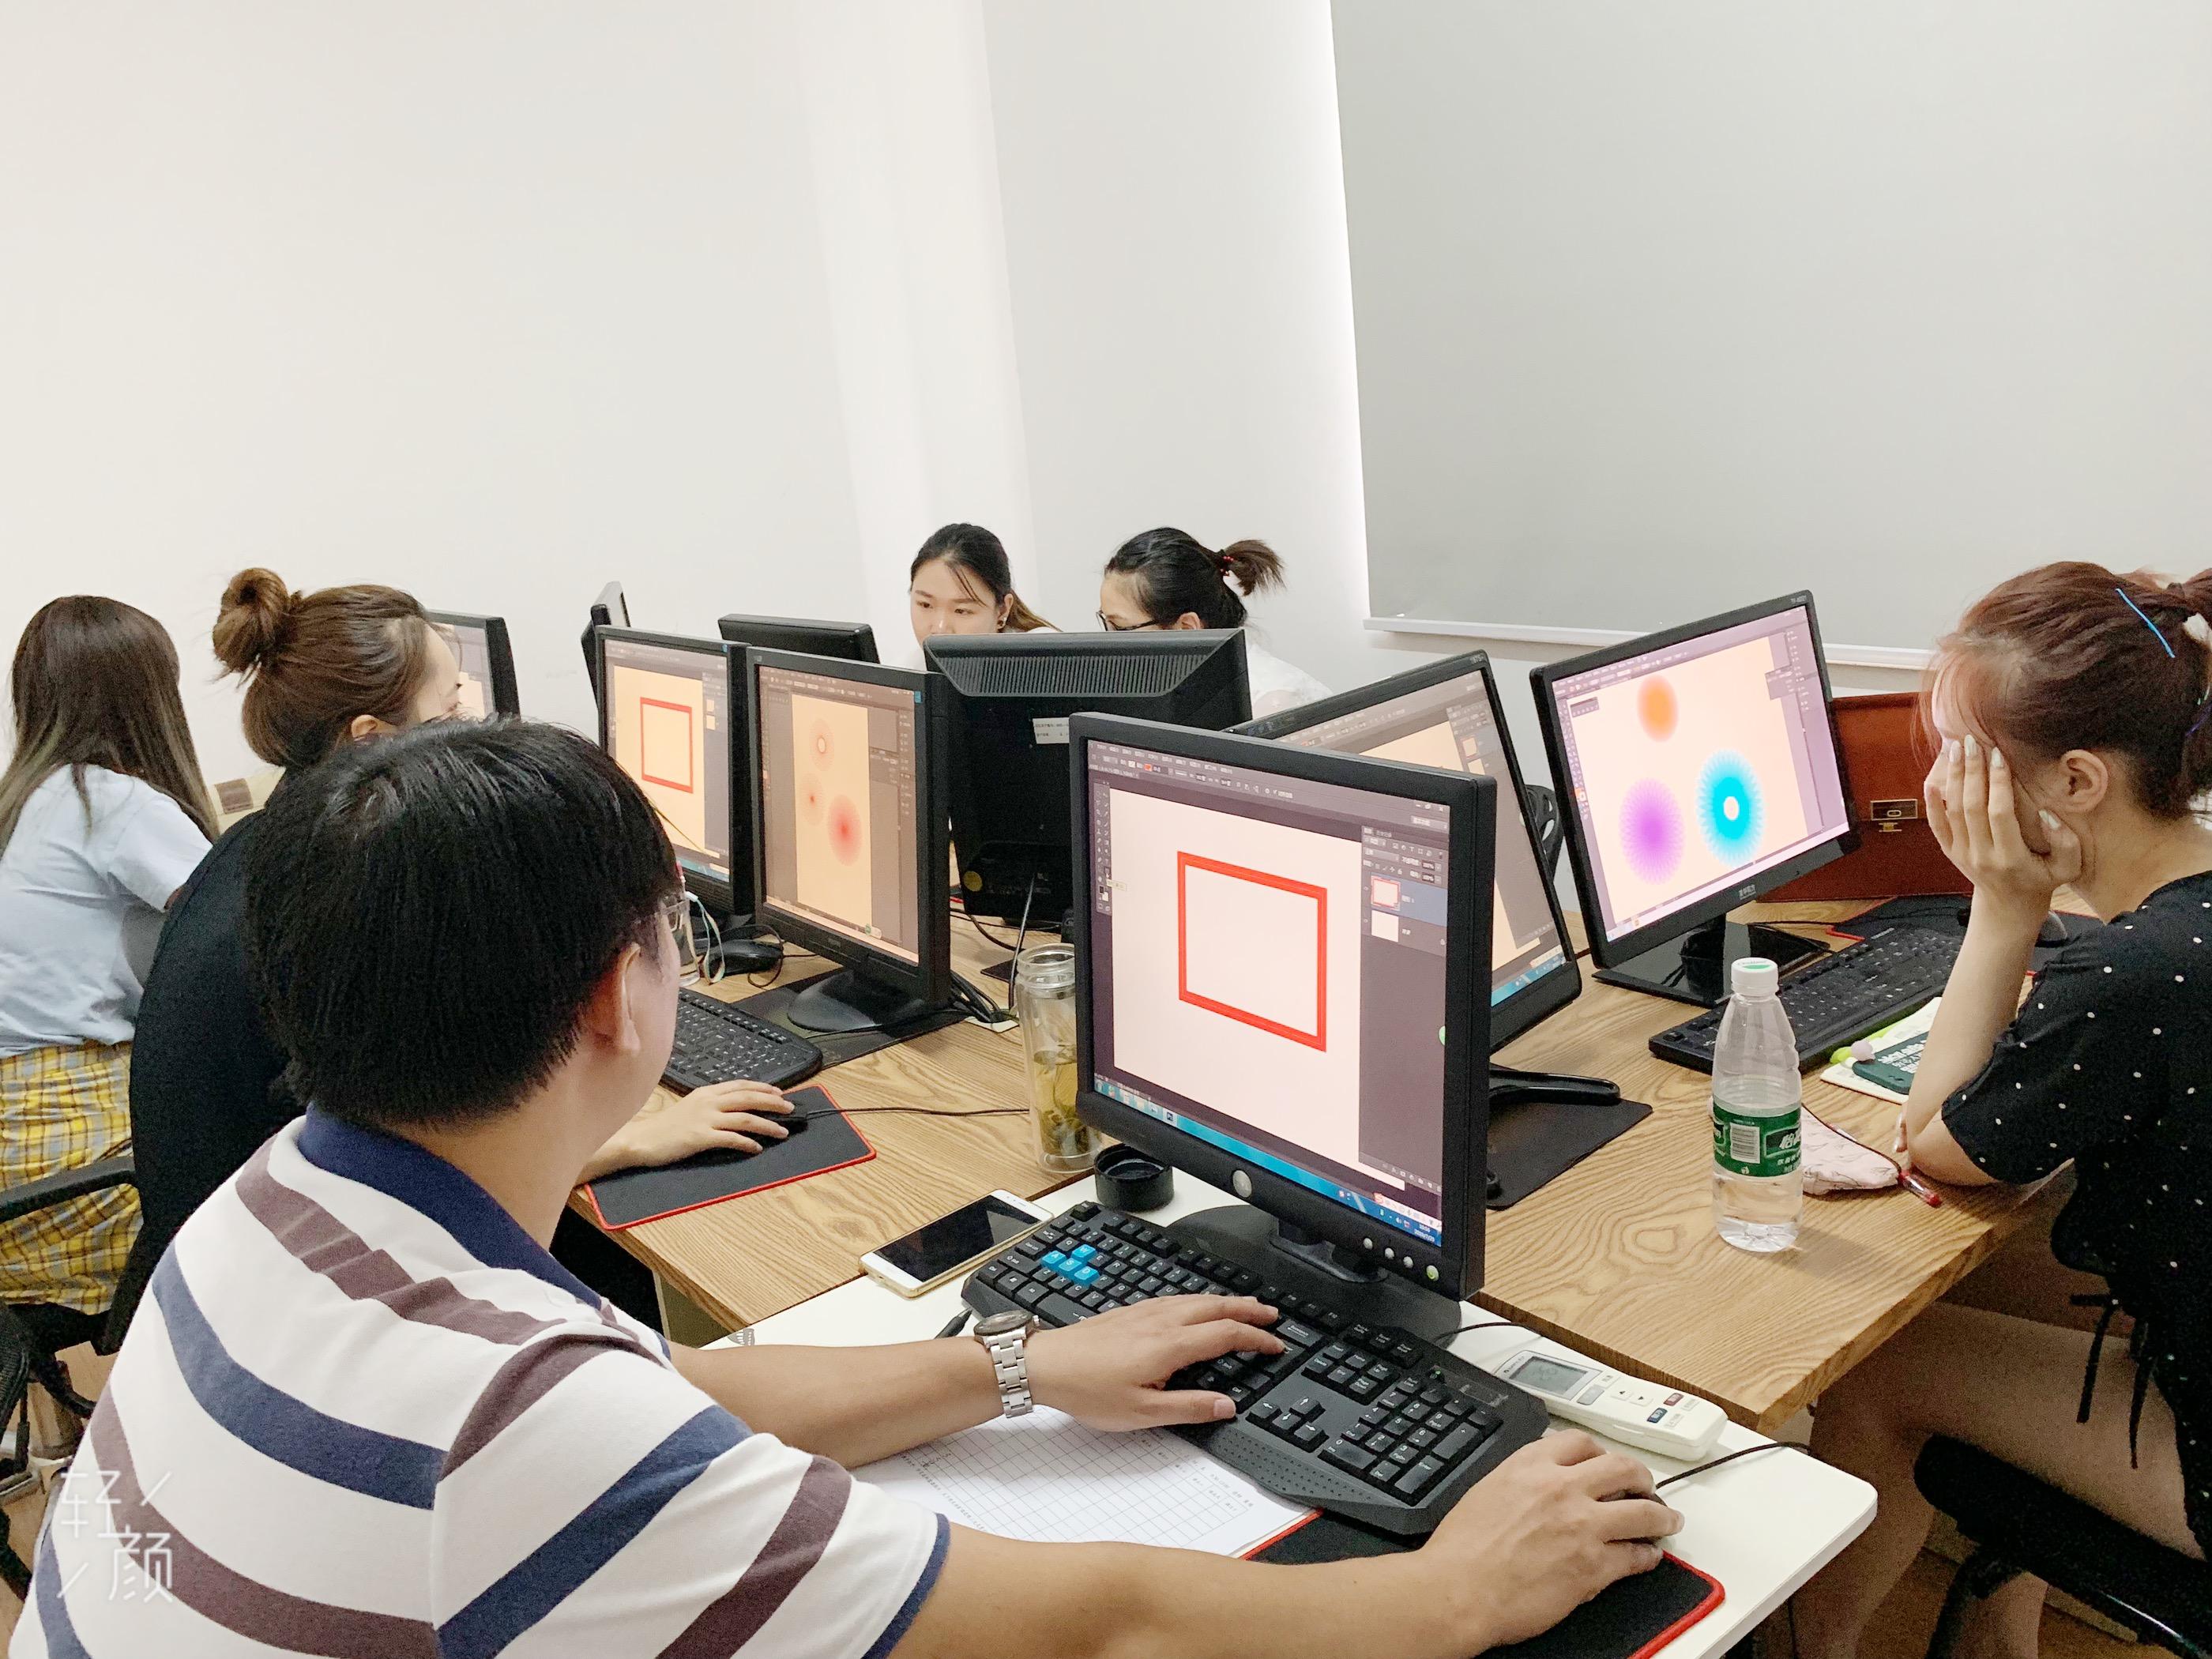 中育为-[3DS MAX]合肥塑胶模具设计培训UG三维建模培训学校